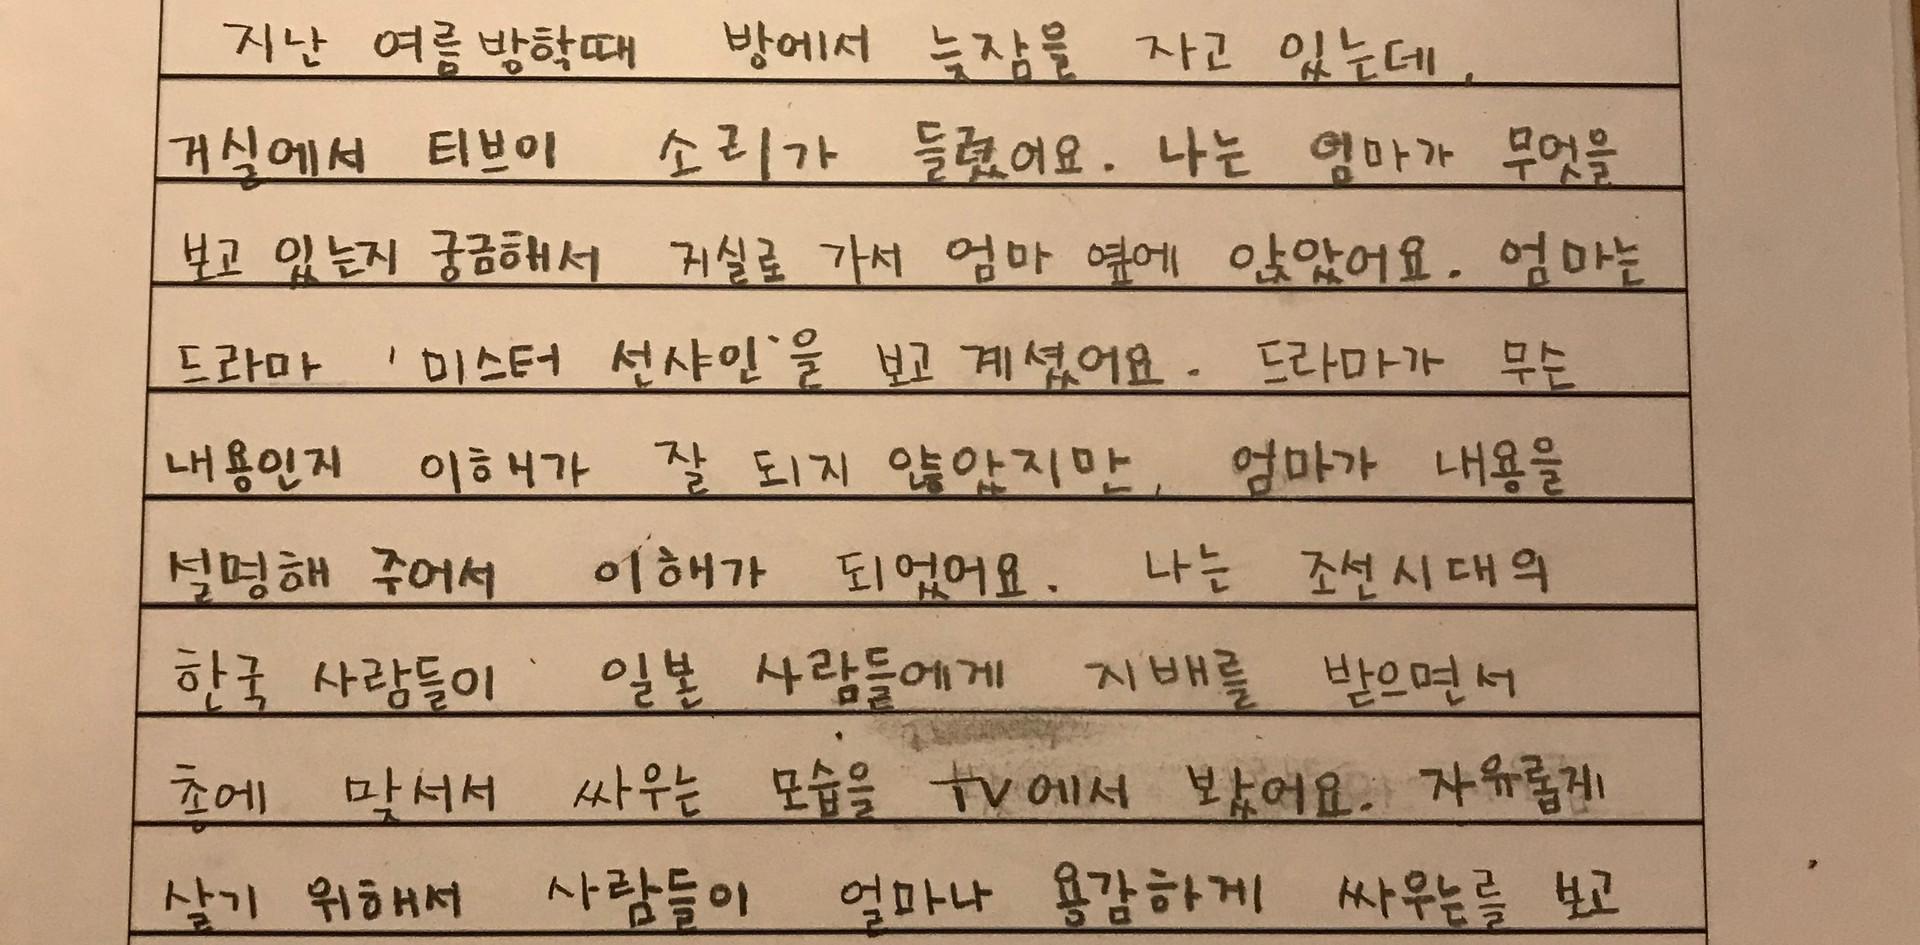 고급1노수아_글쓰기대회원고pg.1.jpg